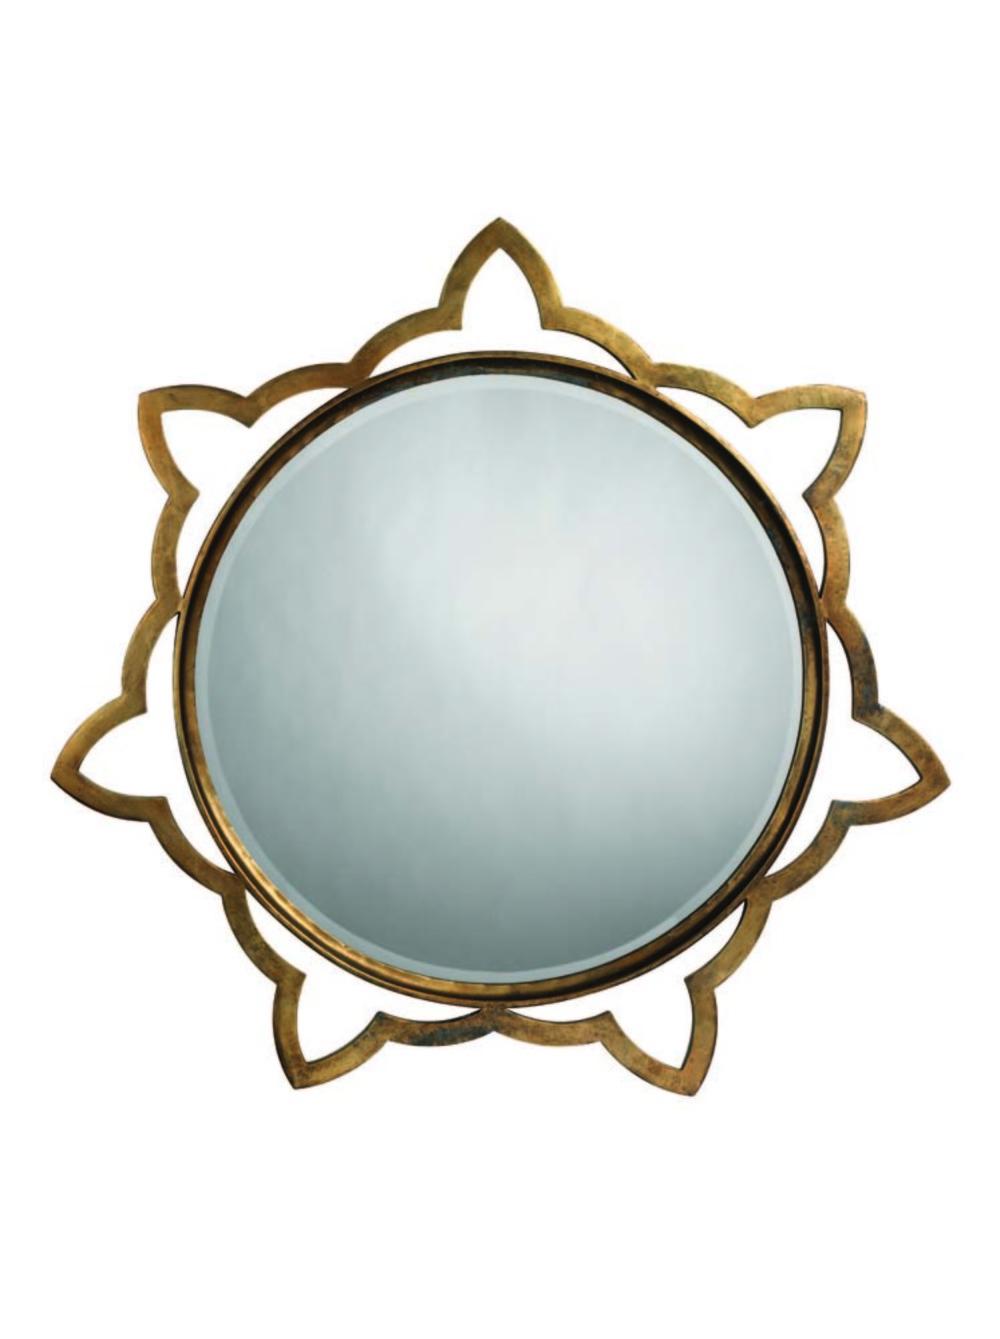 Jamie Young - Sante Mirror